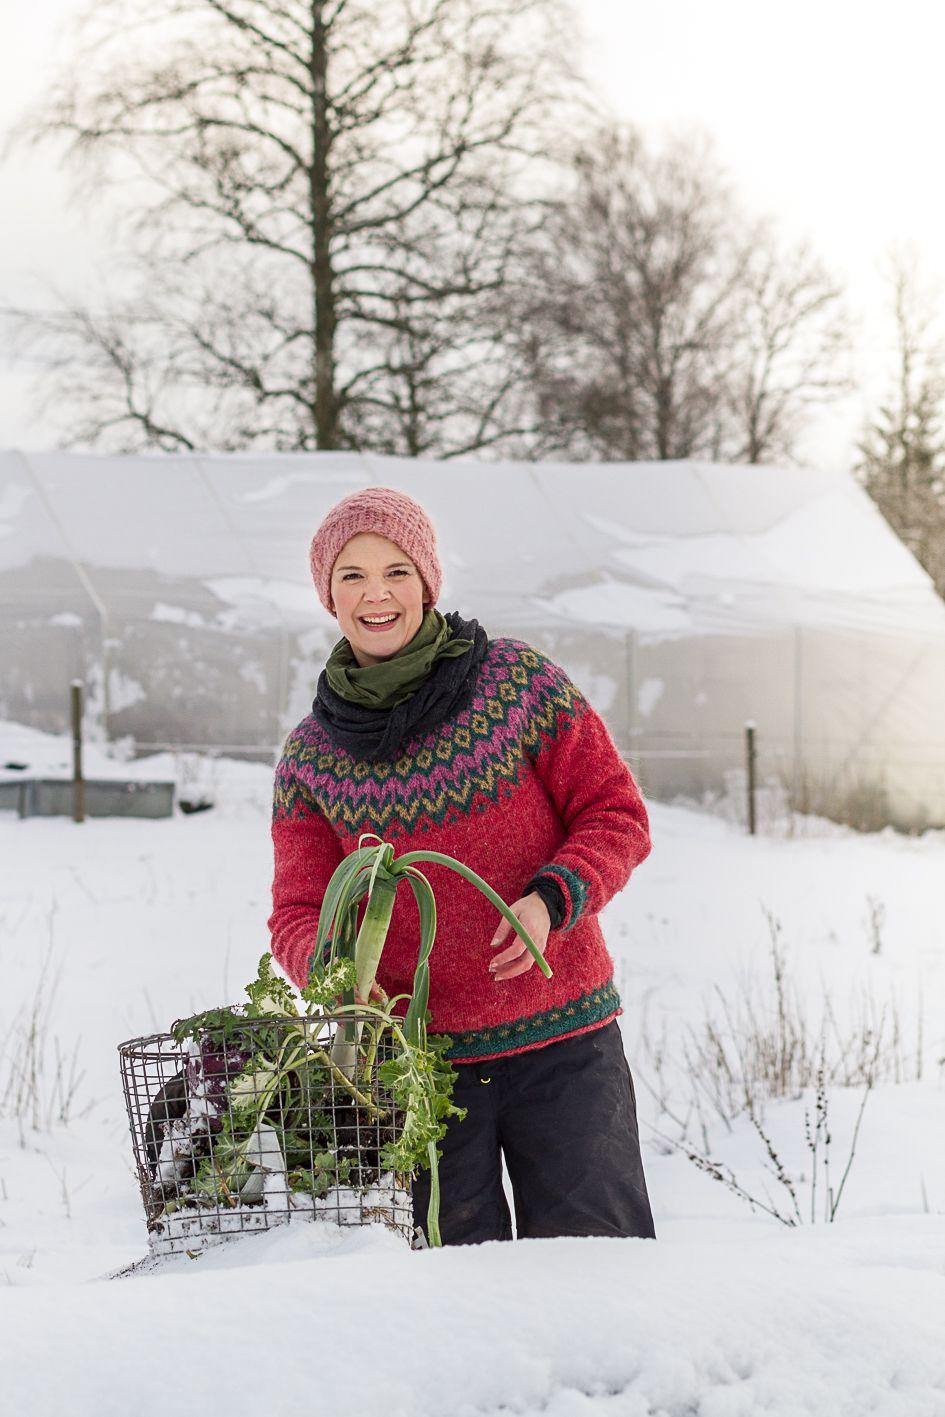 Sara Bäckmo står i en snöig trädgård med en korg ed grönsaker.